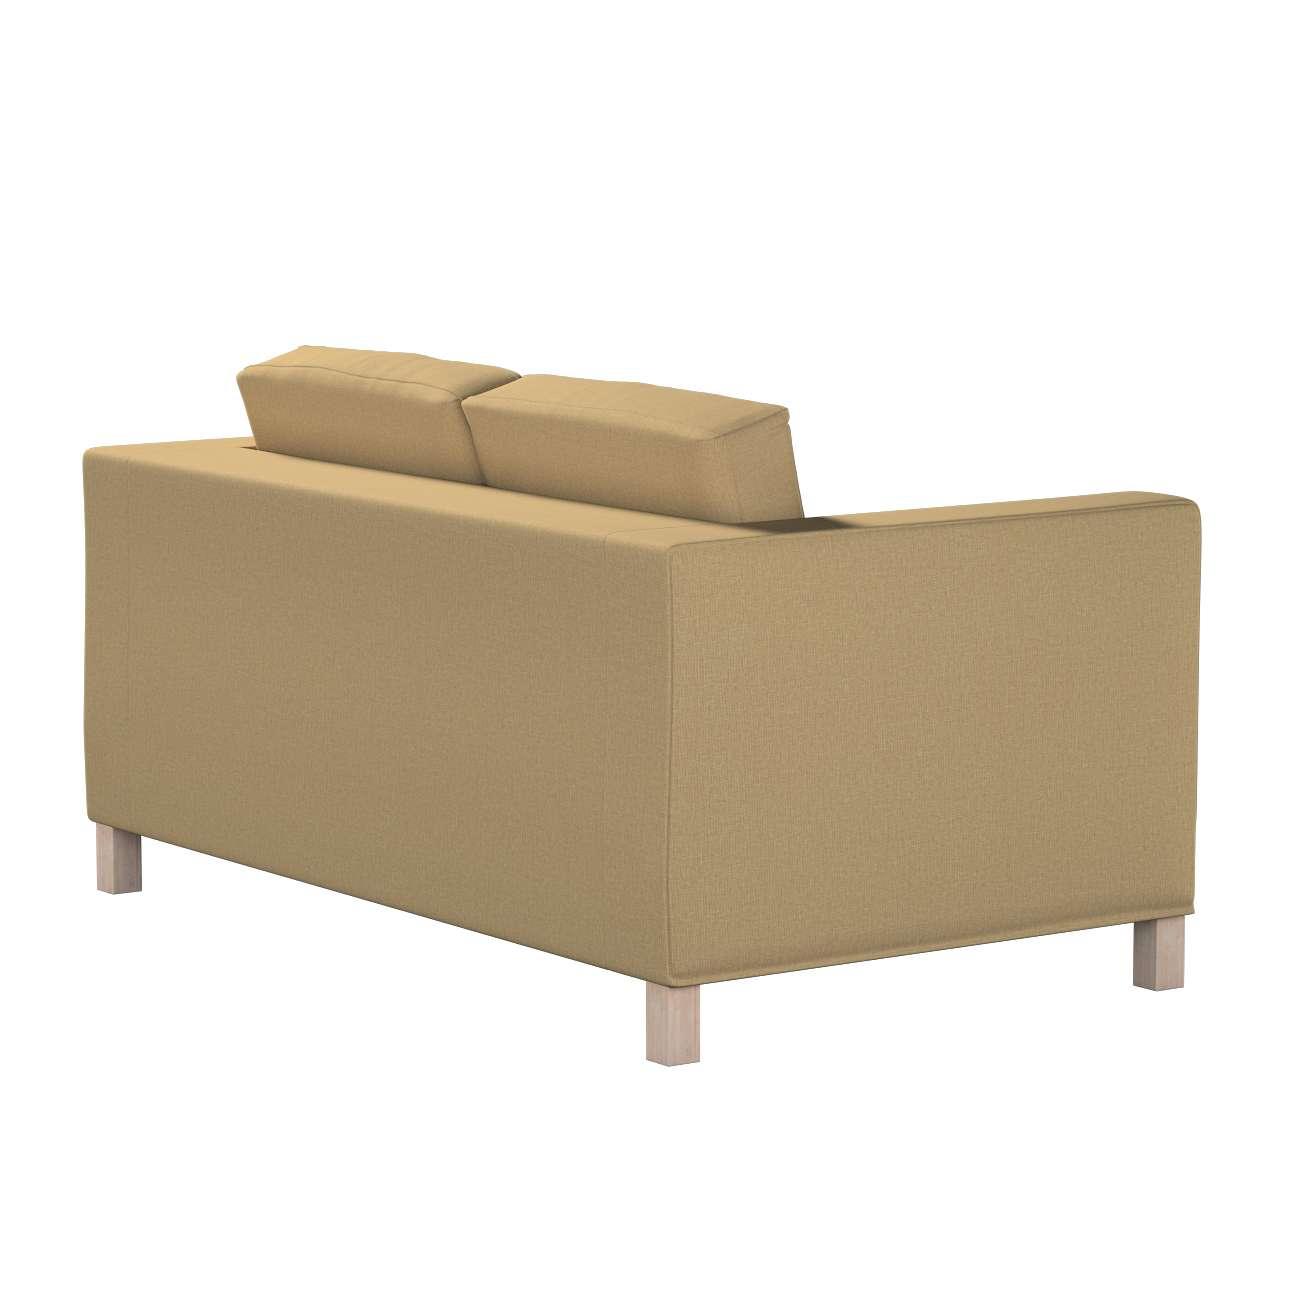 Potah na pohovku IKEA  Karlanda 2-místná, krátký v kolekci Living, látka: 161-50